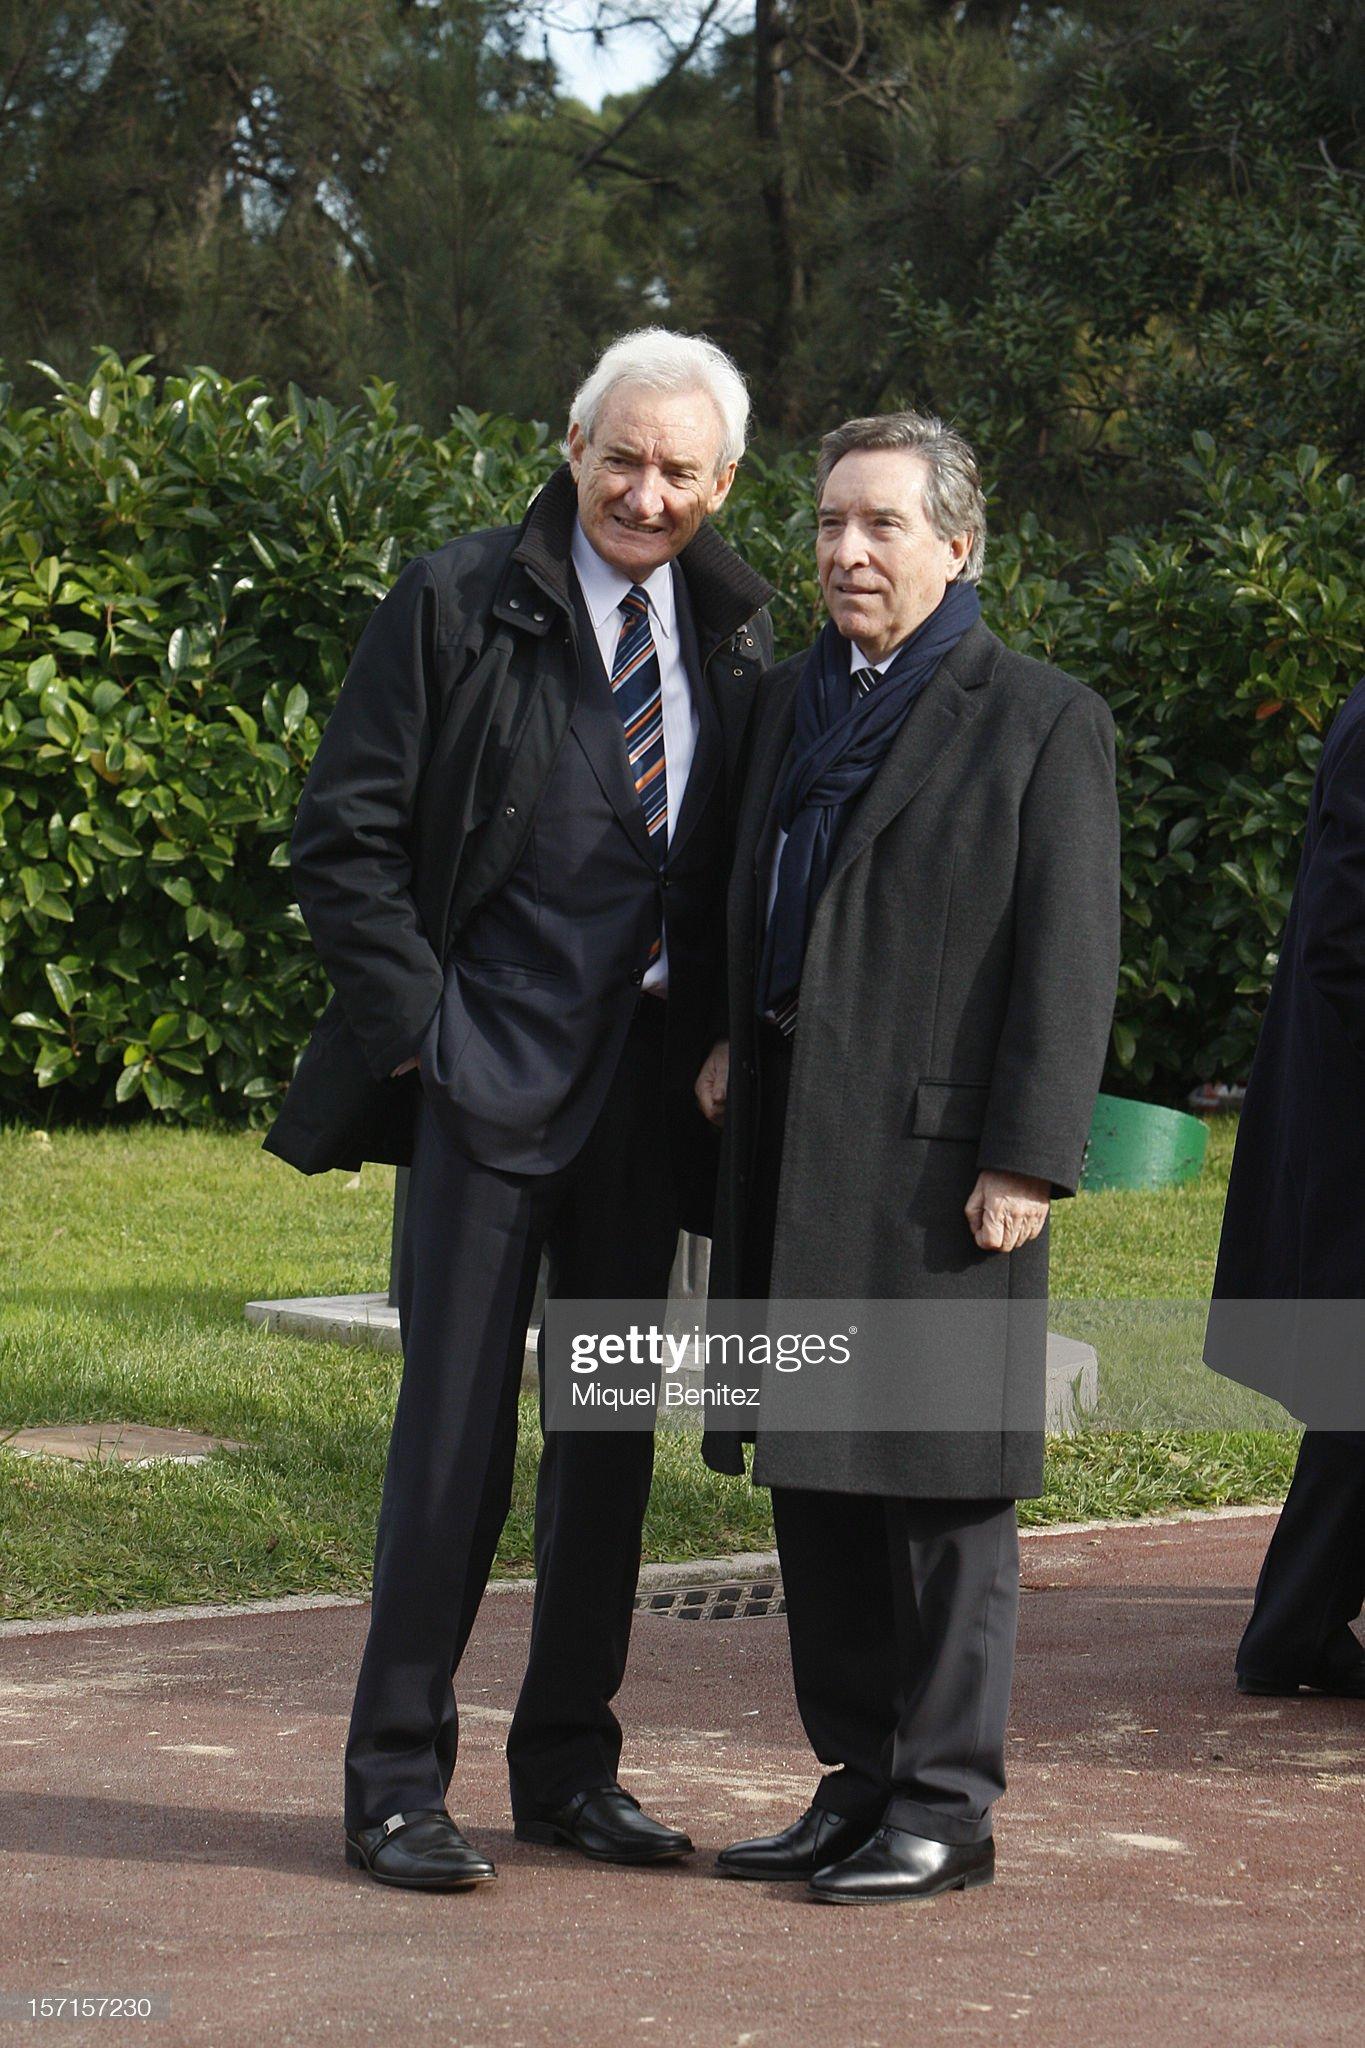 ¿Cuánto mide Iñaki Gabilondo? - Altura Luis-del-olmo-and-inaki-gabilondo-poses-during-the-press-conference-picture-id157157230?s=2048x2048